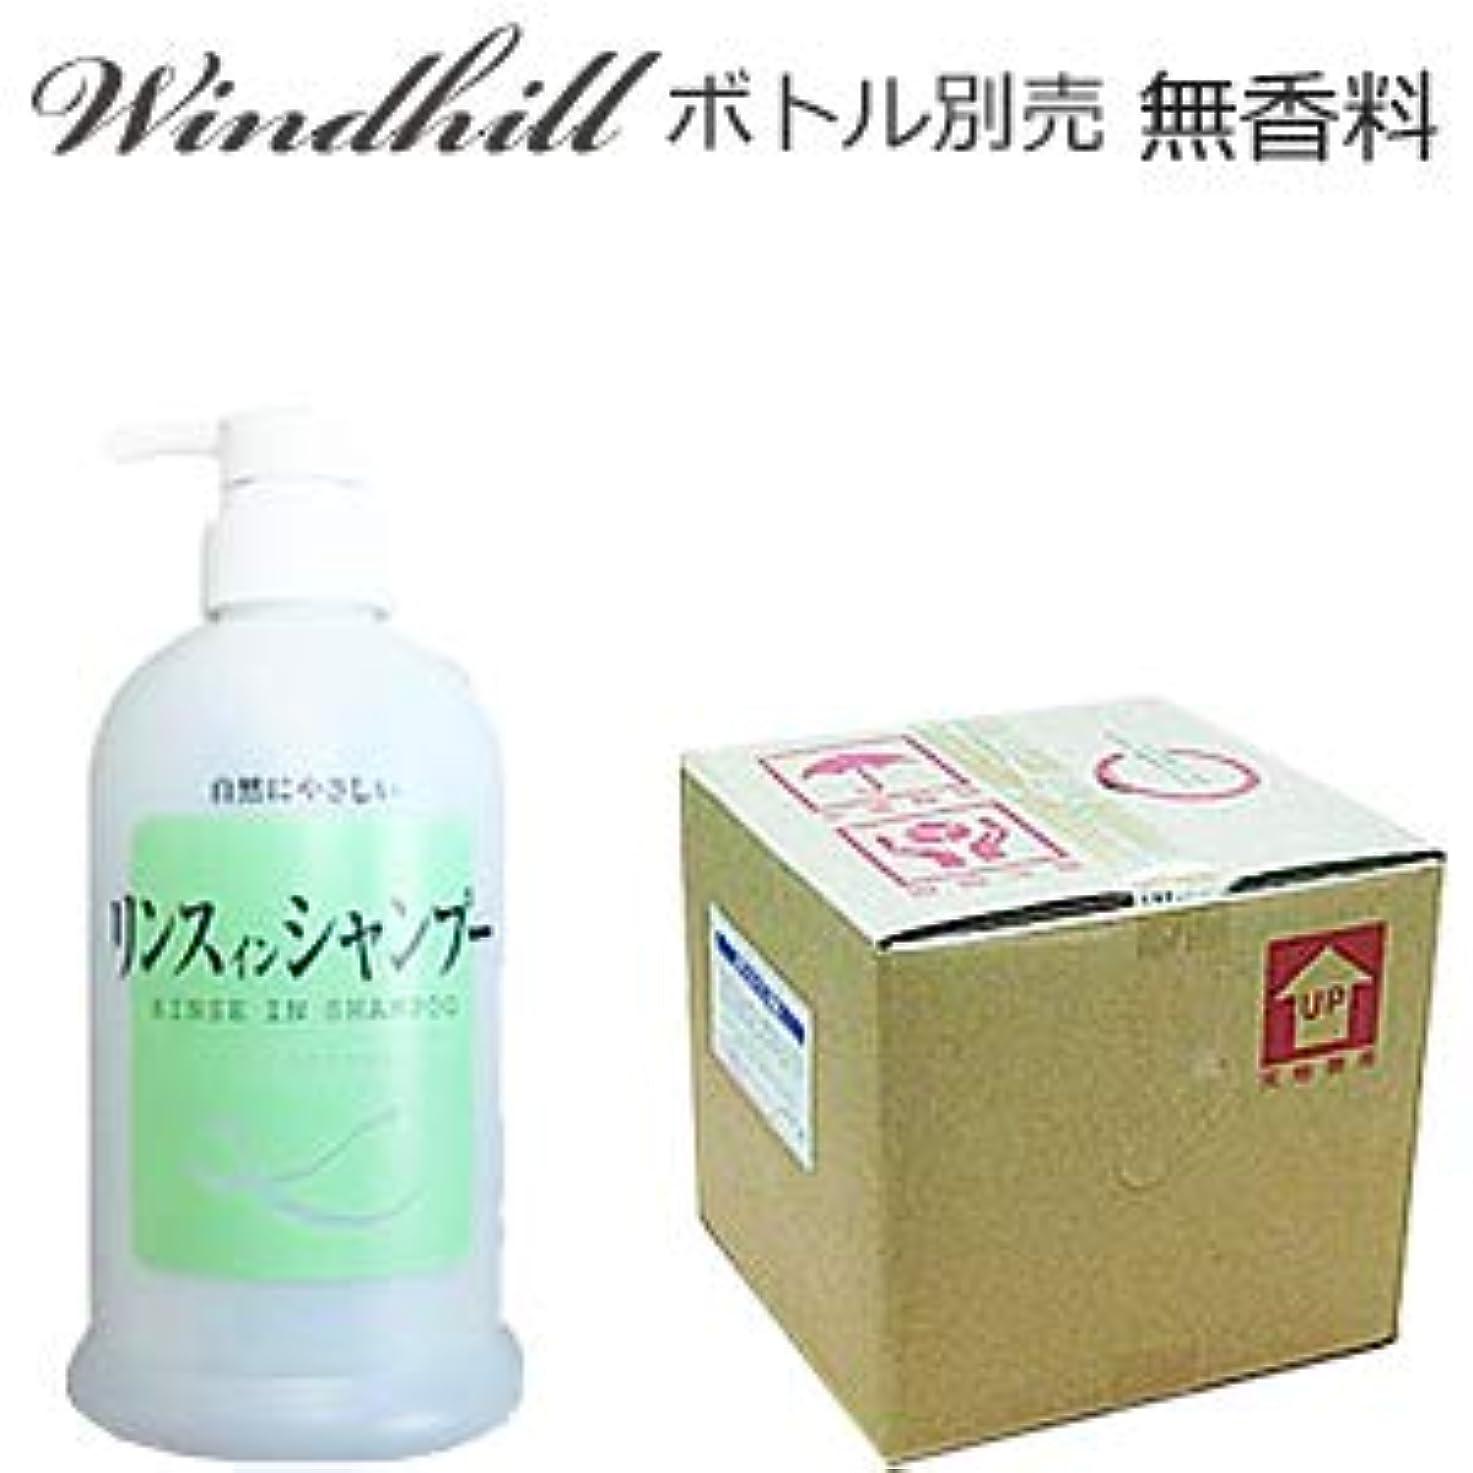 ピンチ競合他社選手疑い者Windhill 植物性 業務用ボディソープ 無香料 20L(1セット20L入)